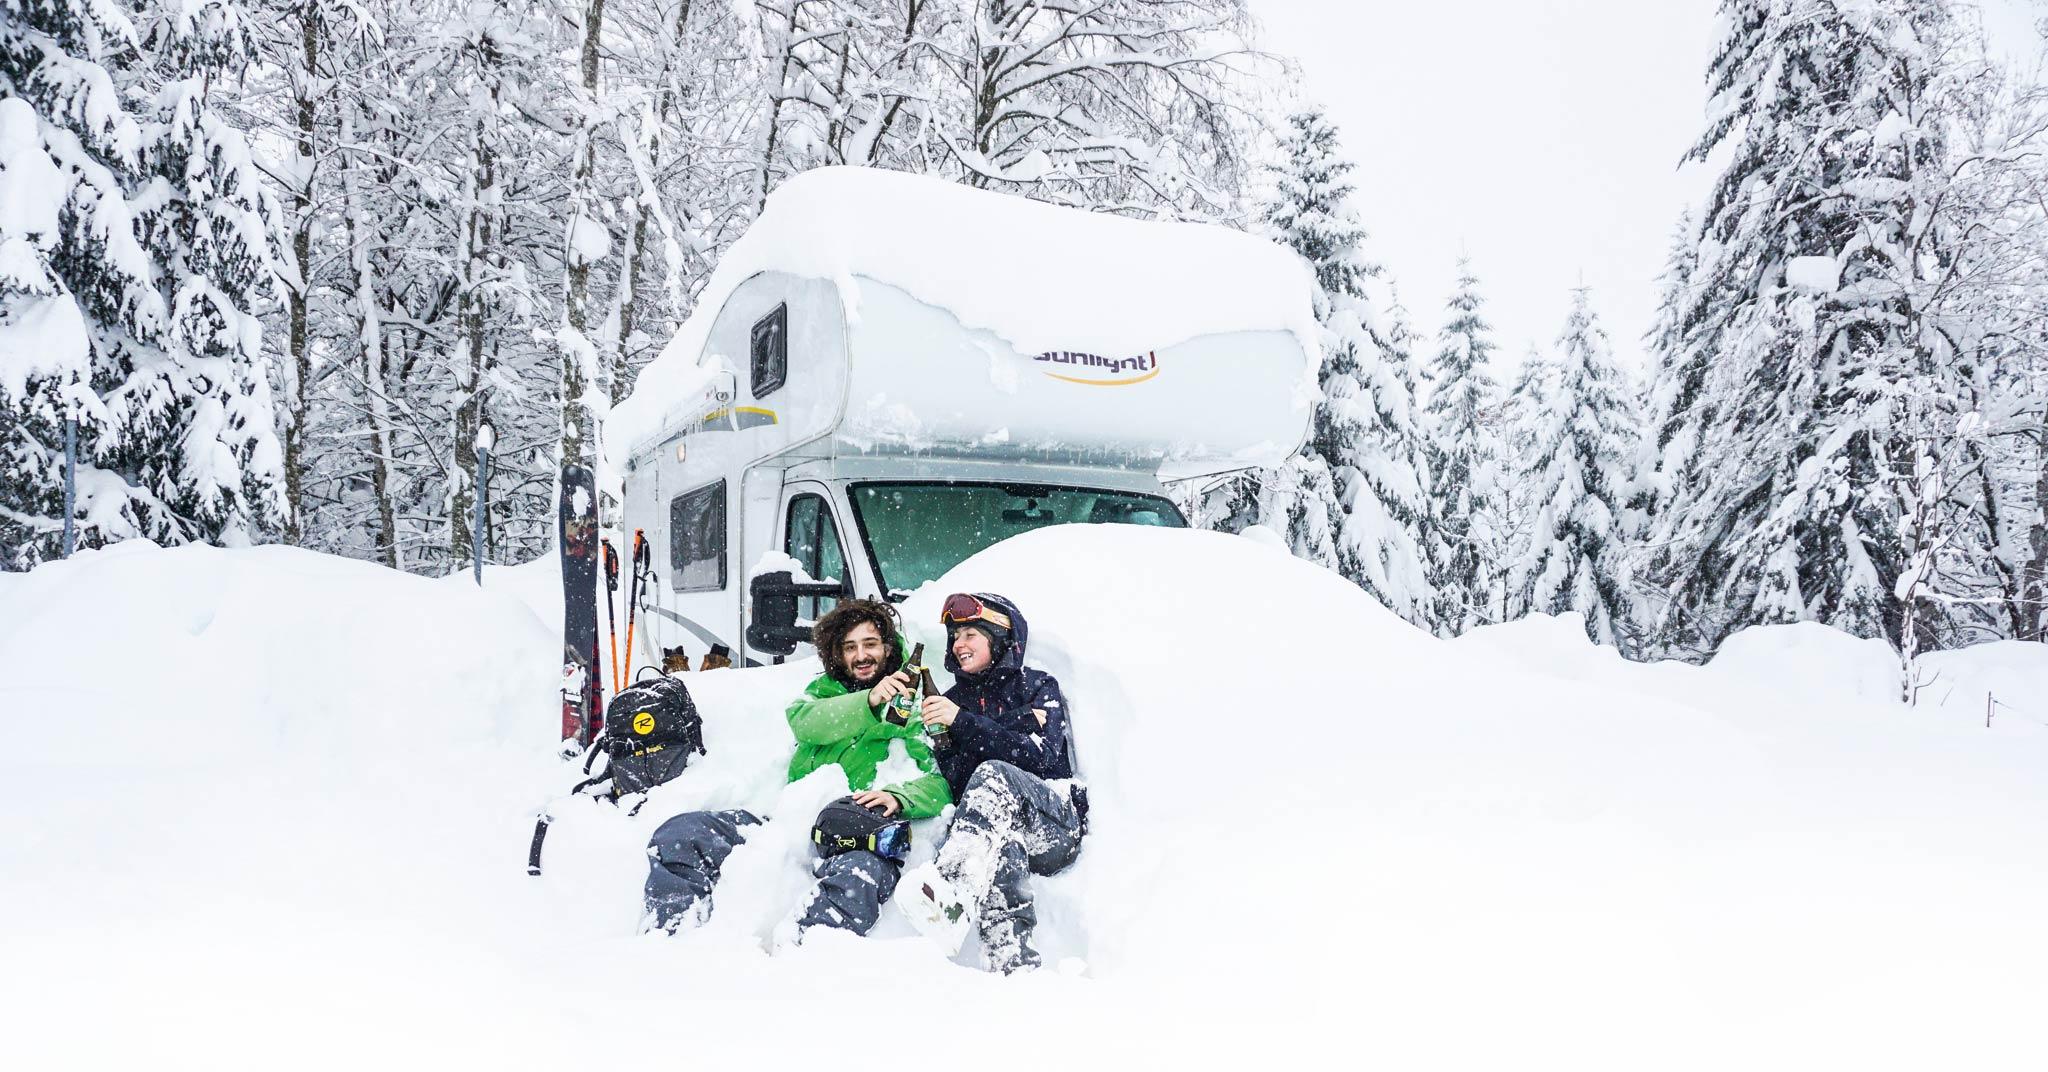 """""""Skifahren ist ein Gesellschaftssport und wir sind ein Haufen glücklicher Freerider."""" - David Kantermo"""